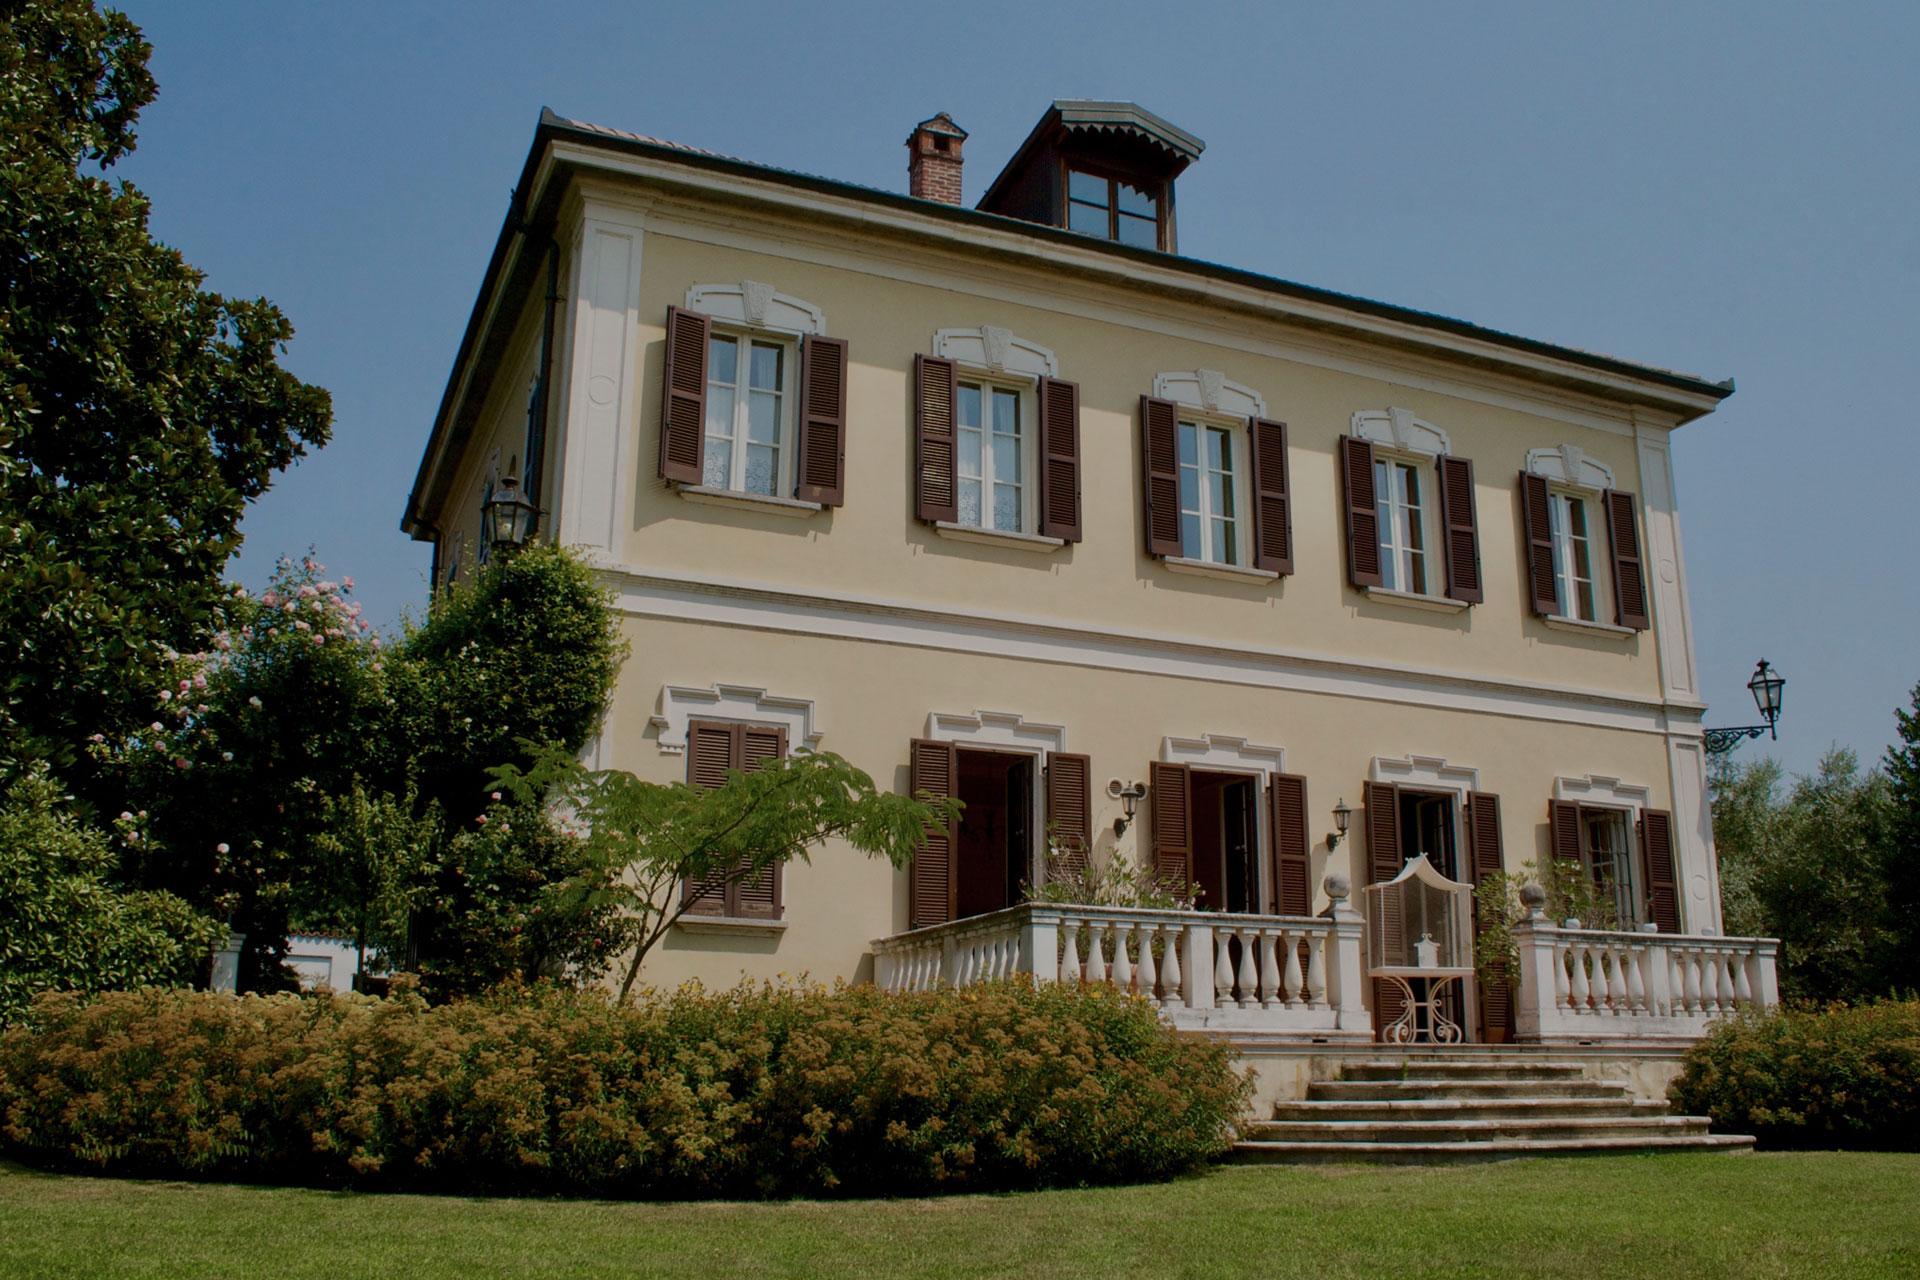 Villa Umberto 1896, Villa per Matrimoni ed eventi privati ad Abbiategrasso, vicino a Milano